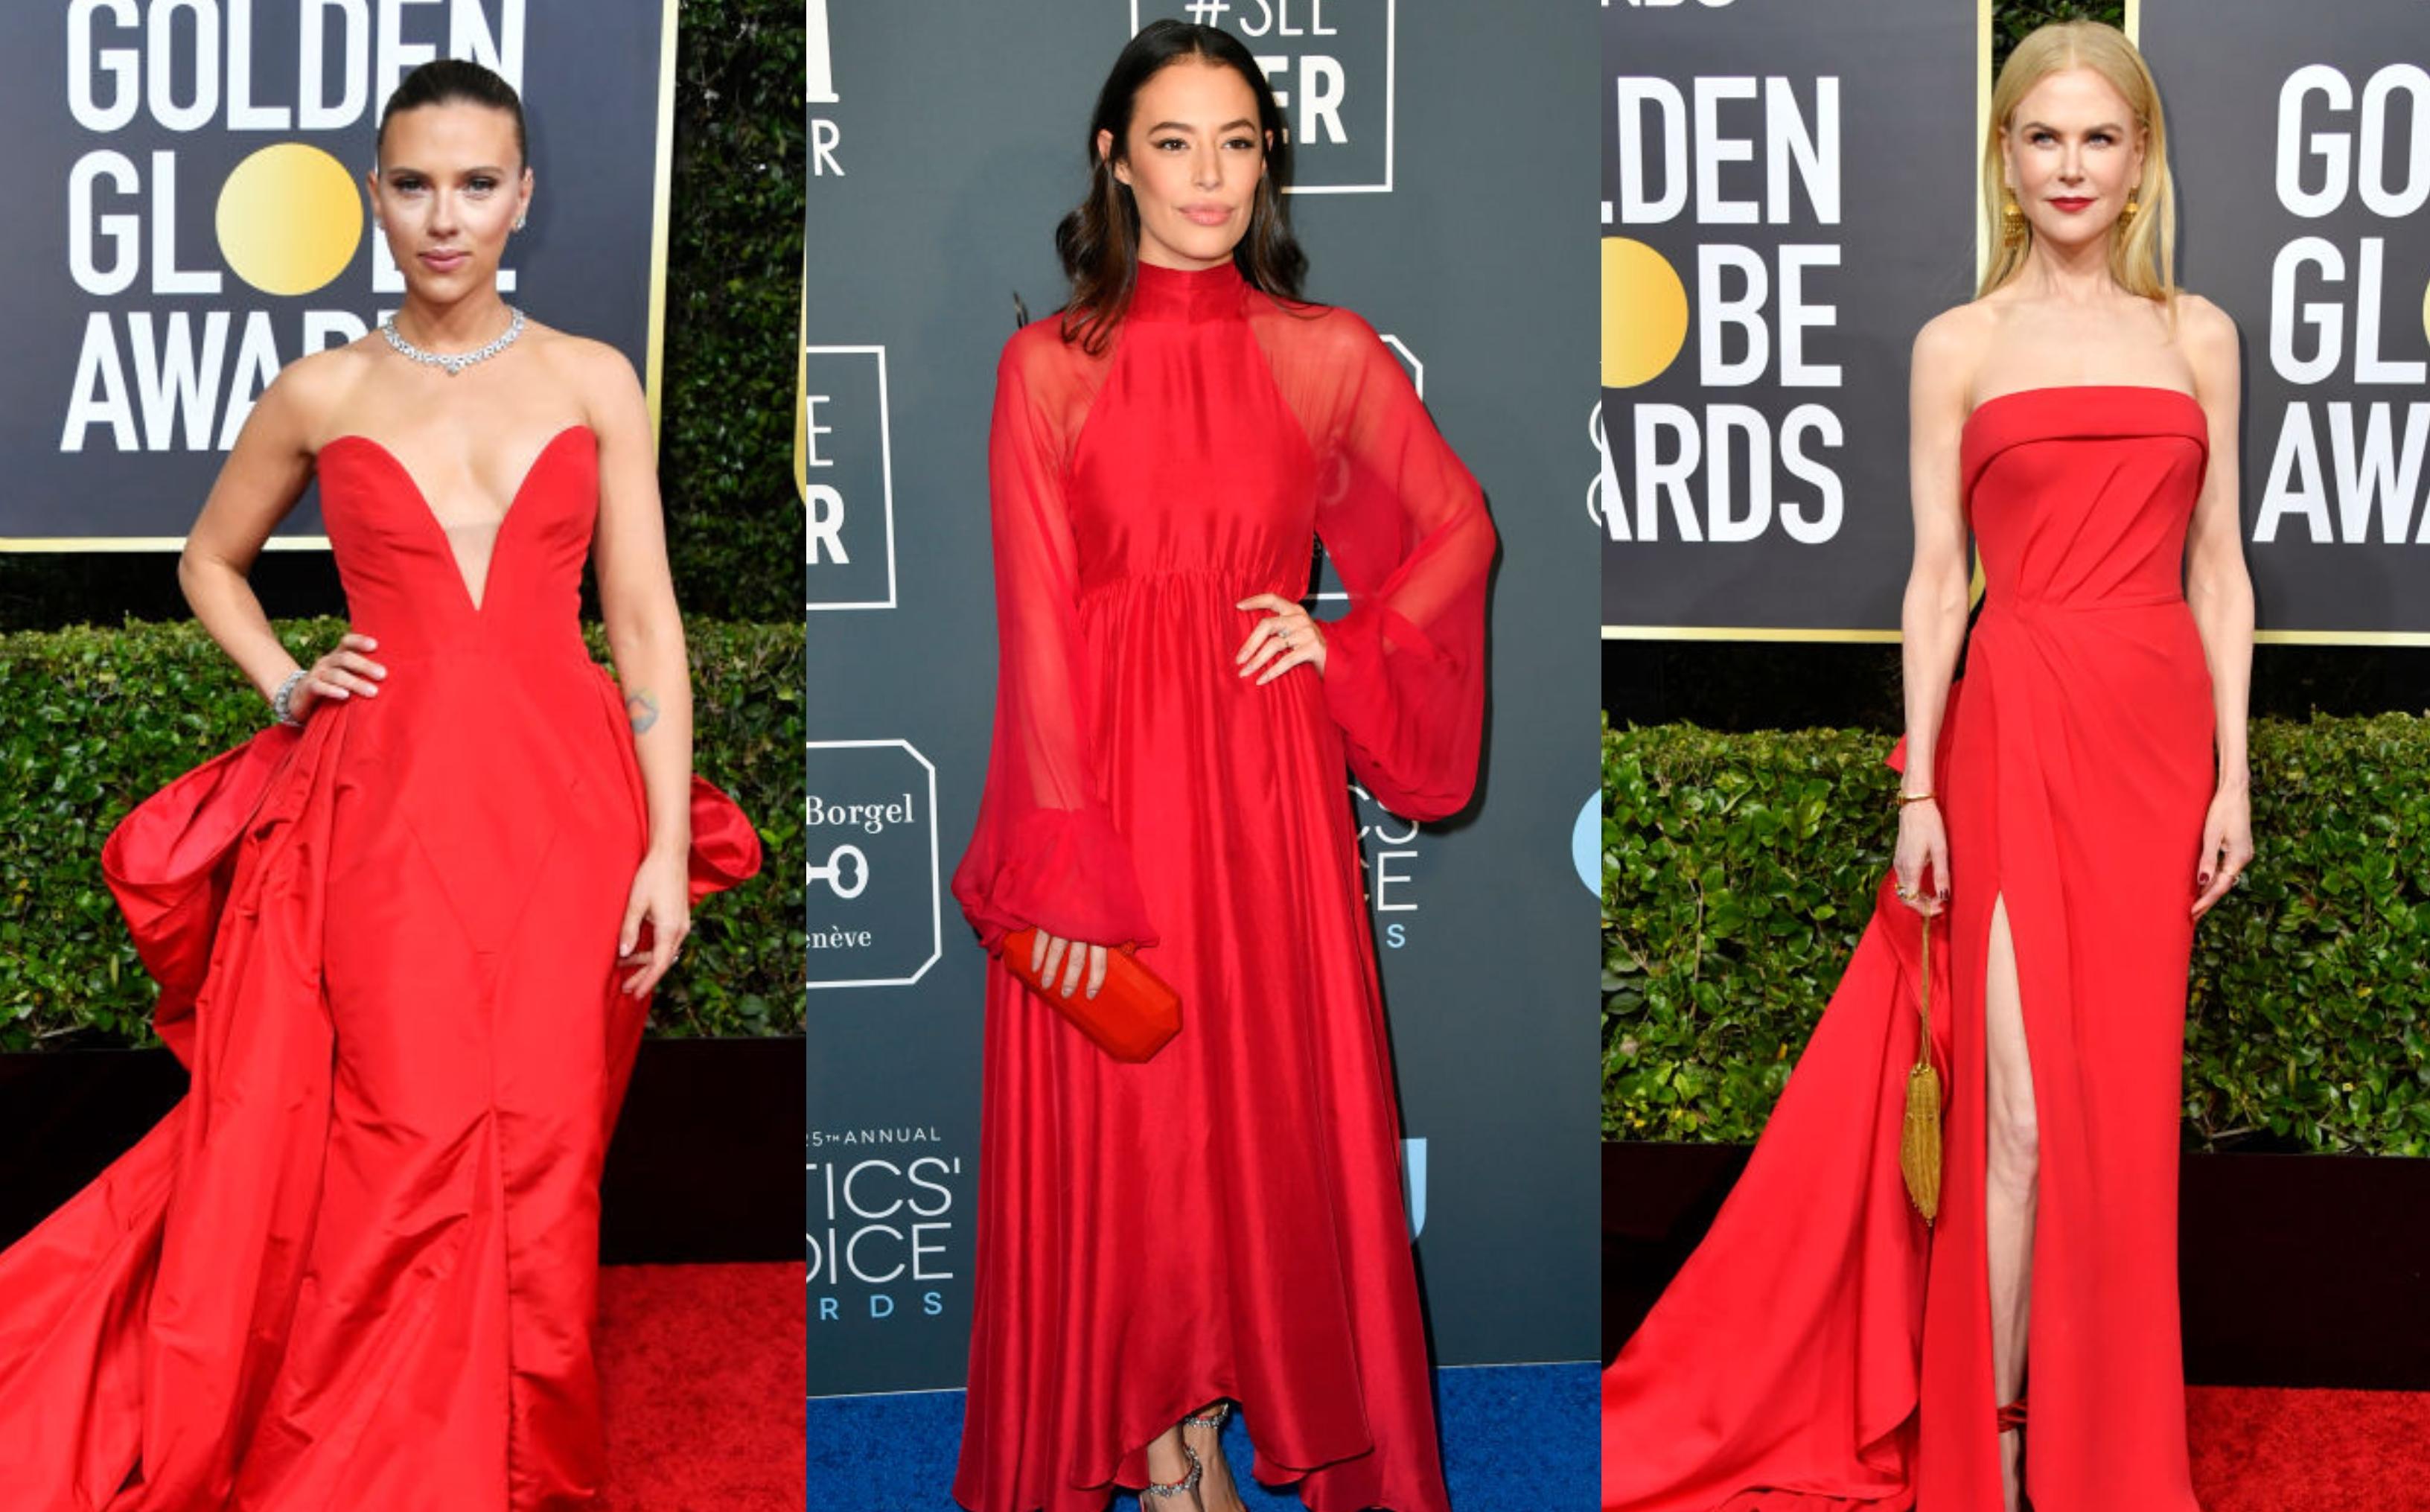 <p><strong>Червено</strong></p>  <p>Червеното е далечният братовчед на черното. То носи усещане за кралско великолепие. Все пак не забравяйте да внимавате с други елементи при избора на червен тоалет като например неговата дължина. Не рискувайте с прекалено къси поли и рокли, защото ефектът понякога се превръща в дефект.</p>